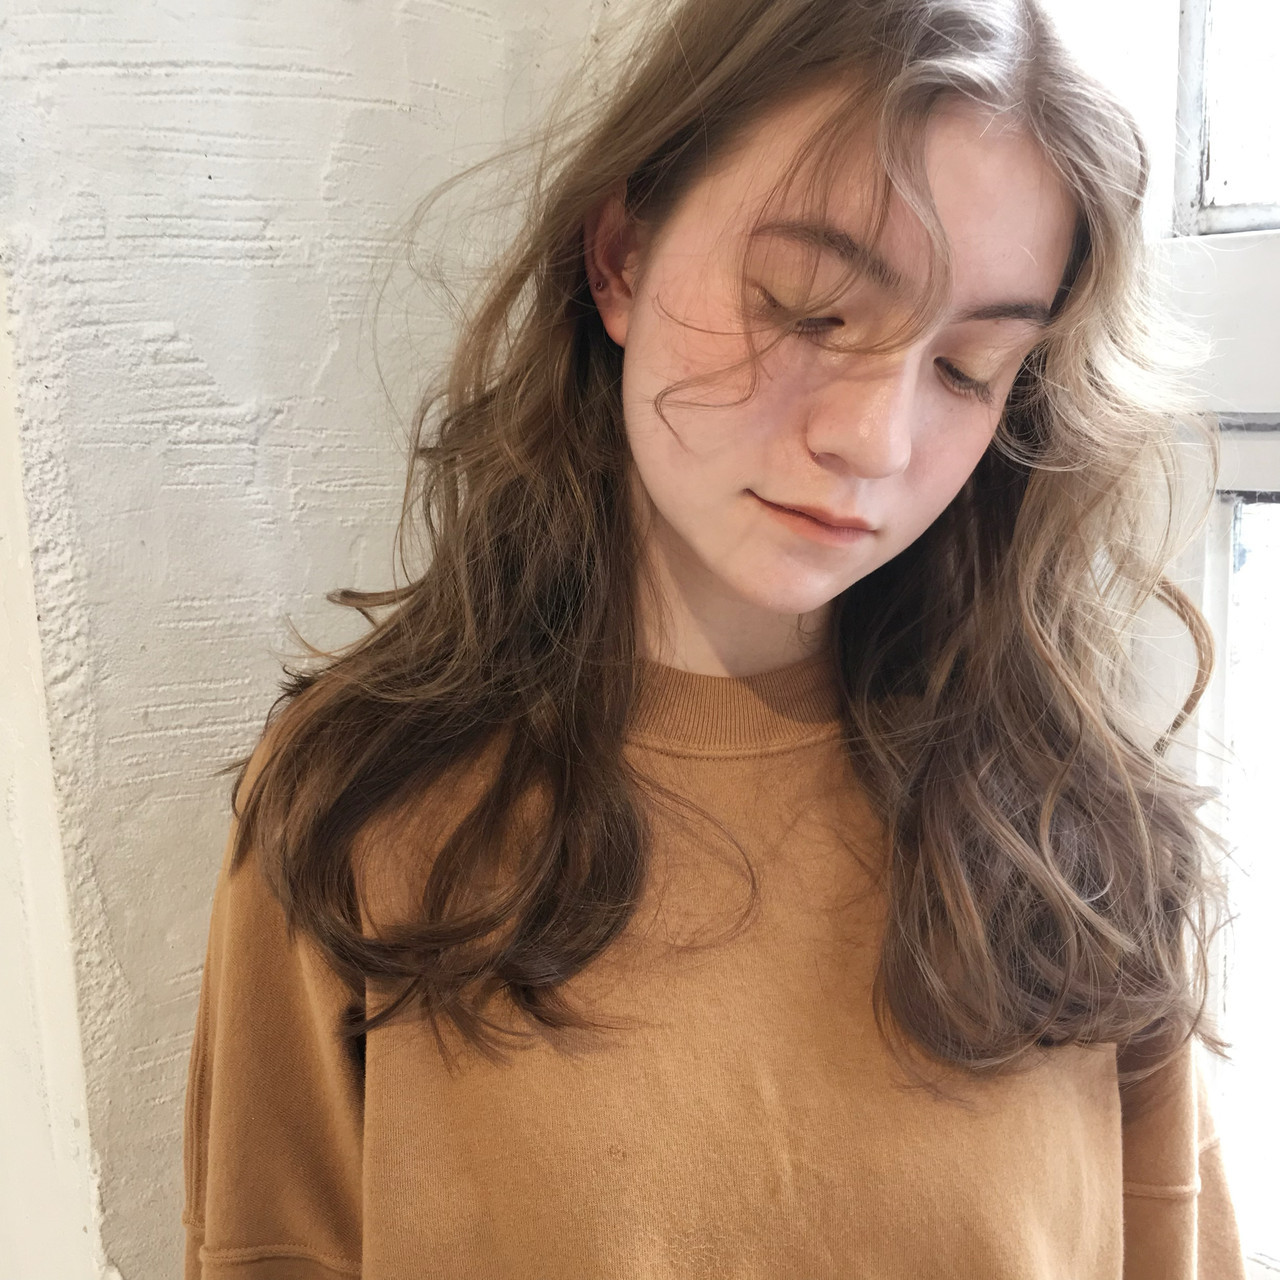 ゆるかき上げウェーブ 極細ハイライト シースルーバング 大人ハイライト ヘアスタイルや髪型の写真・画像